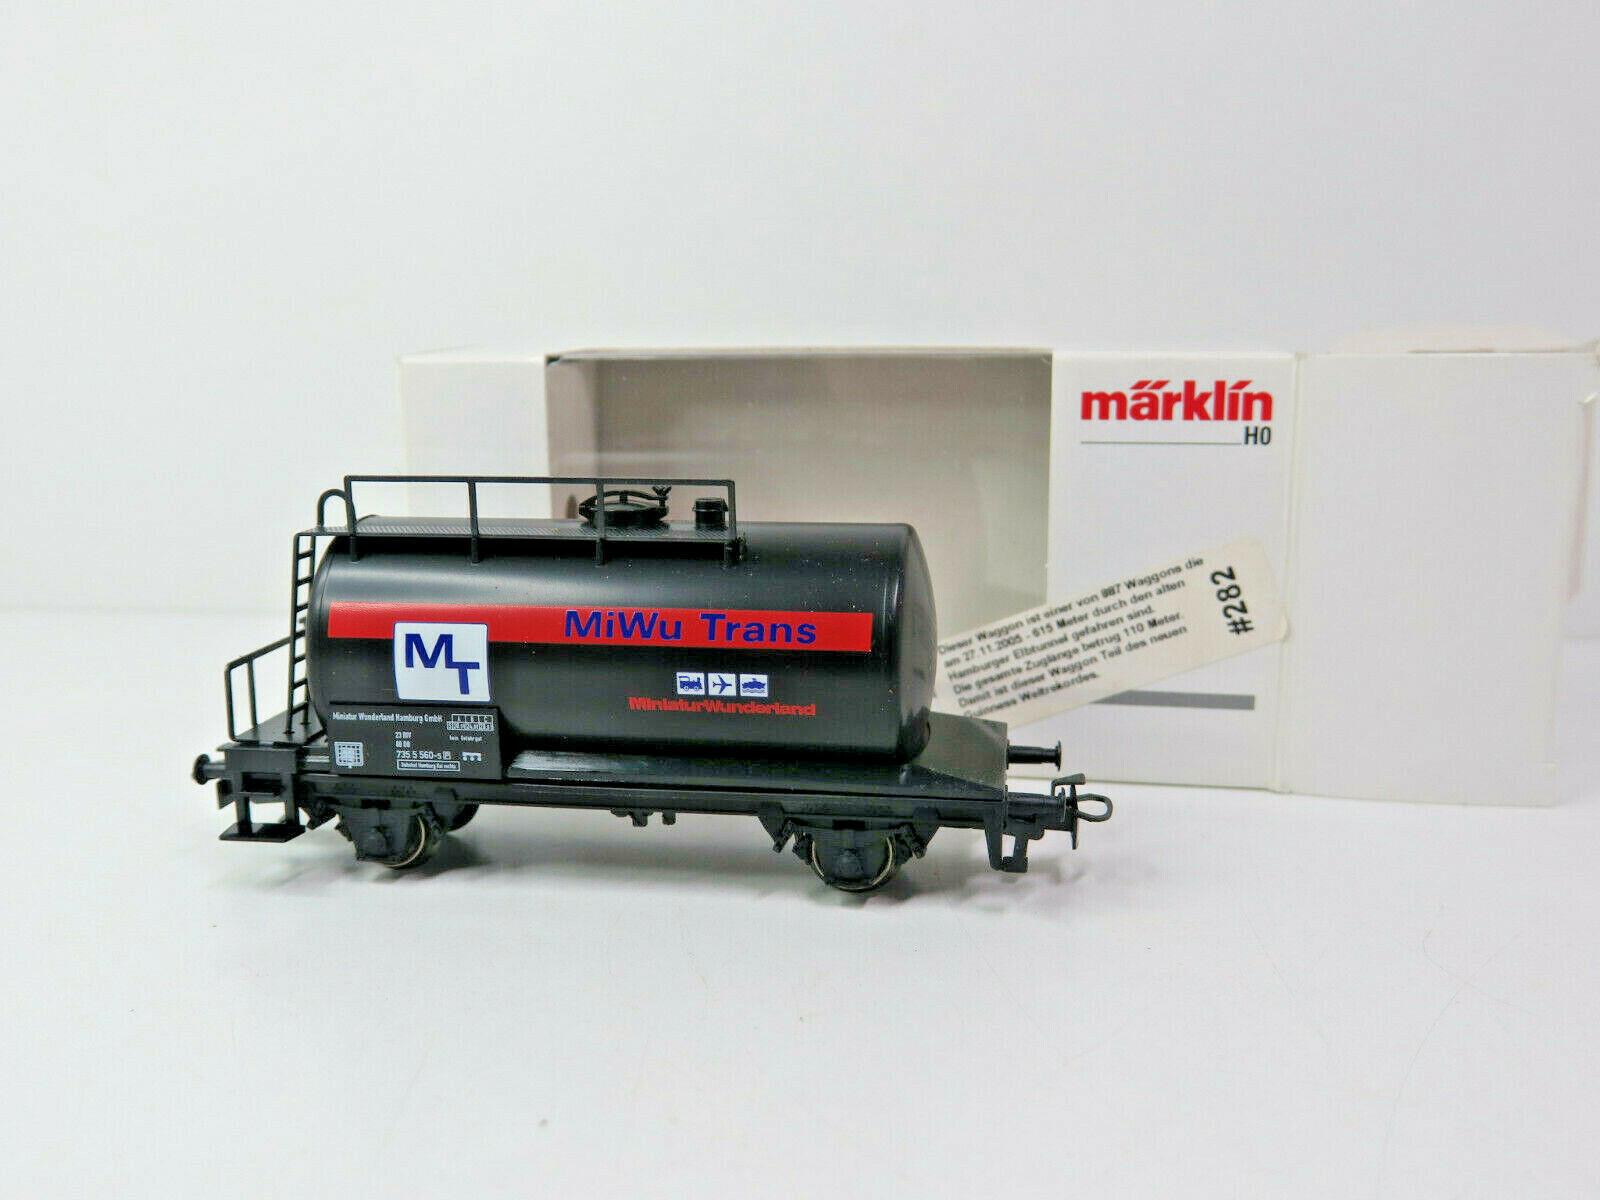 Kesselwagen MiWu Trans DB,Rekordzug 2005,1000 St.,Märklin HO,4441.070,OVP,TOP,KV